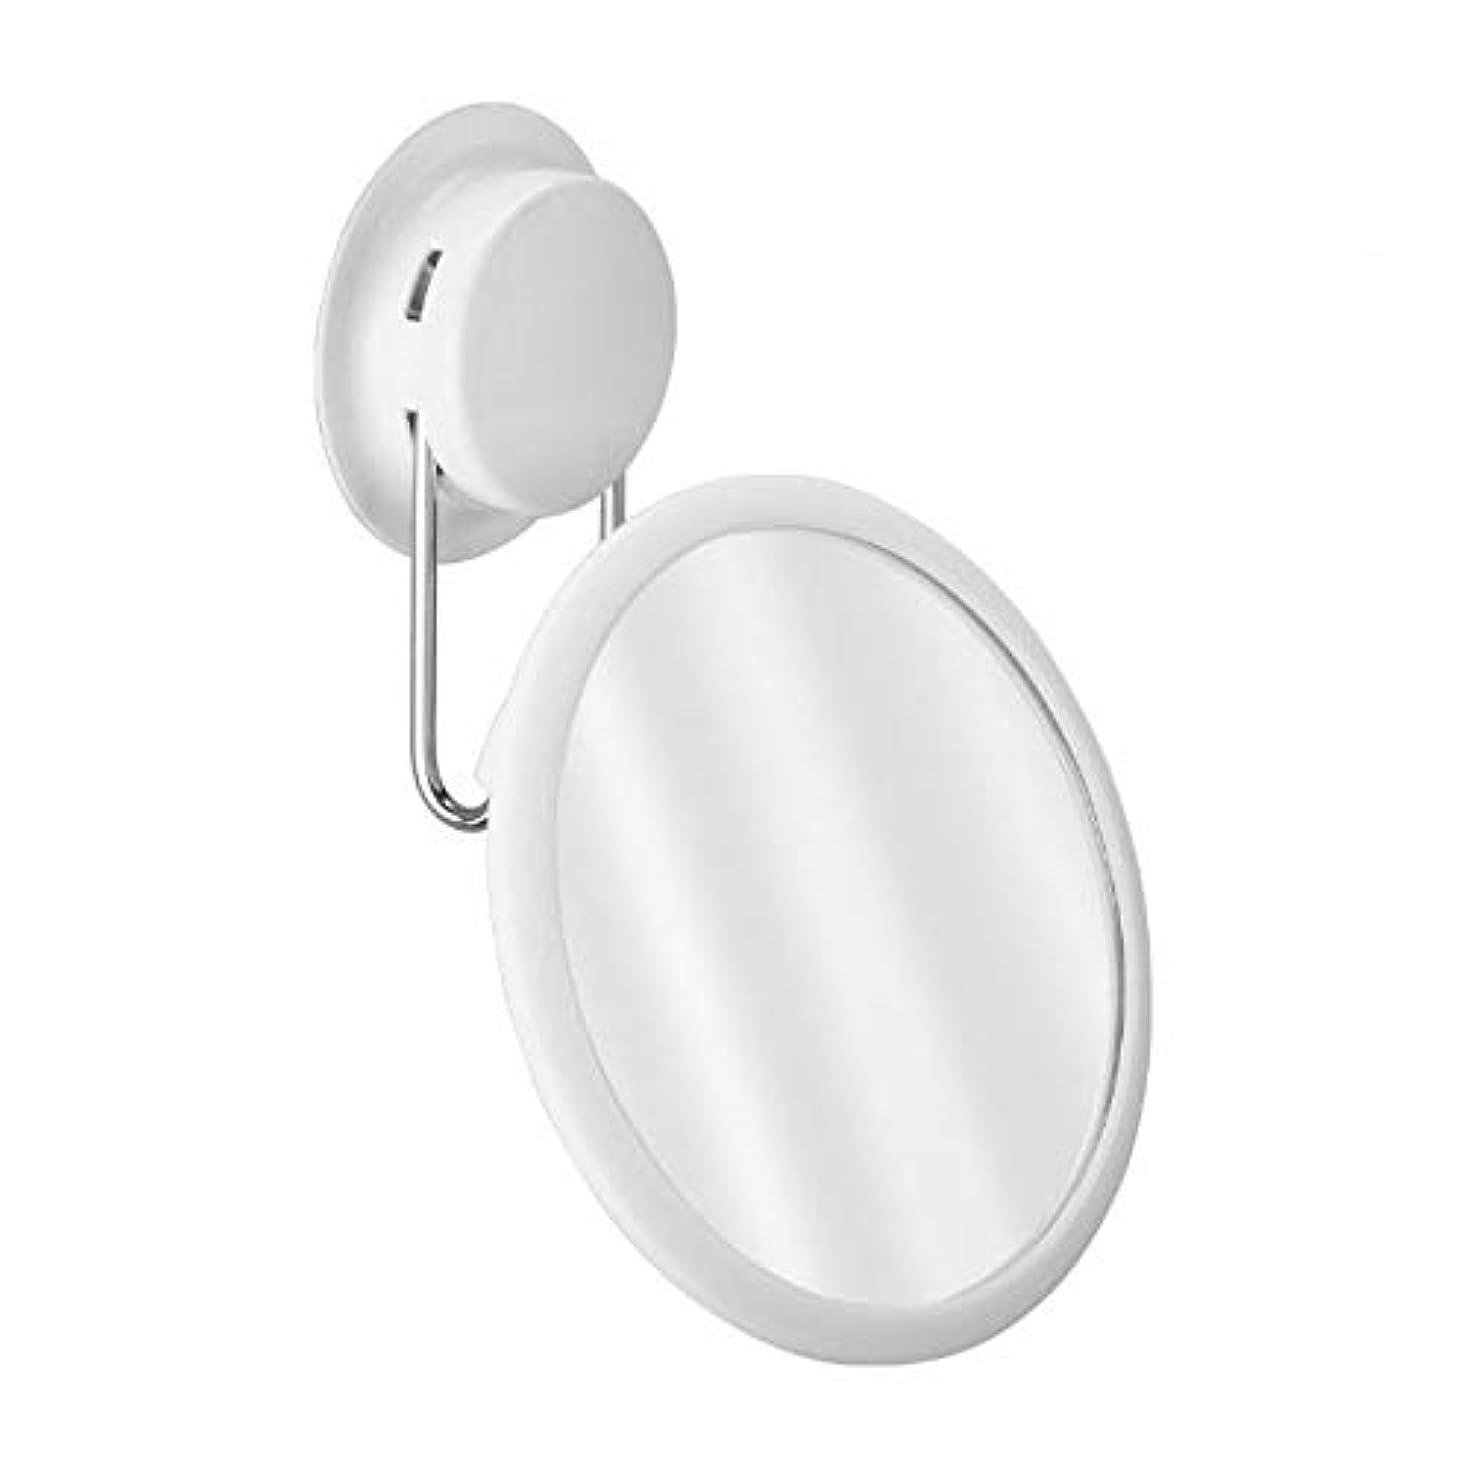 化粧鏡、強力な吸盤ラック無料パンチ浴室洗面化粧台ミラー化粧ギフト